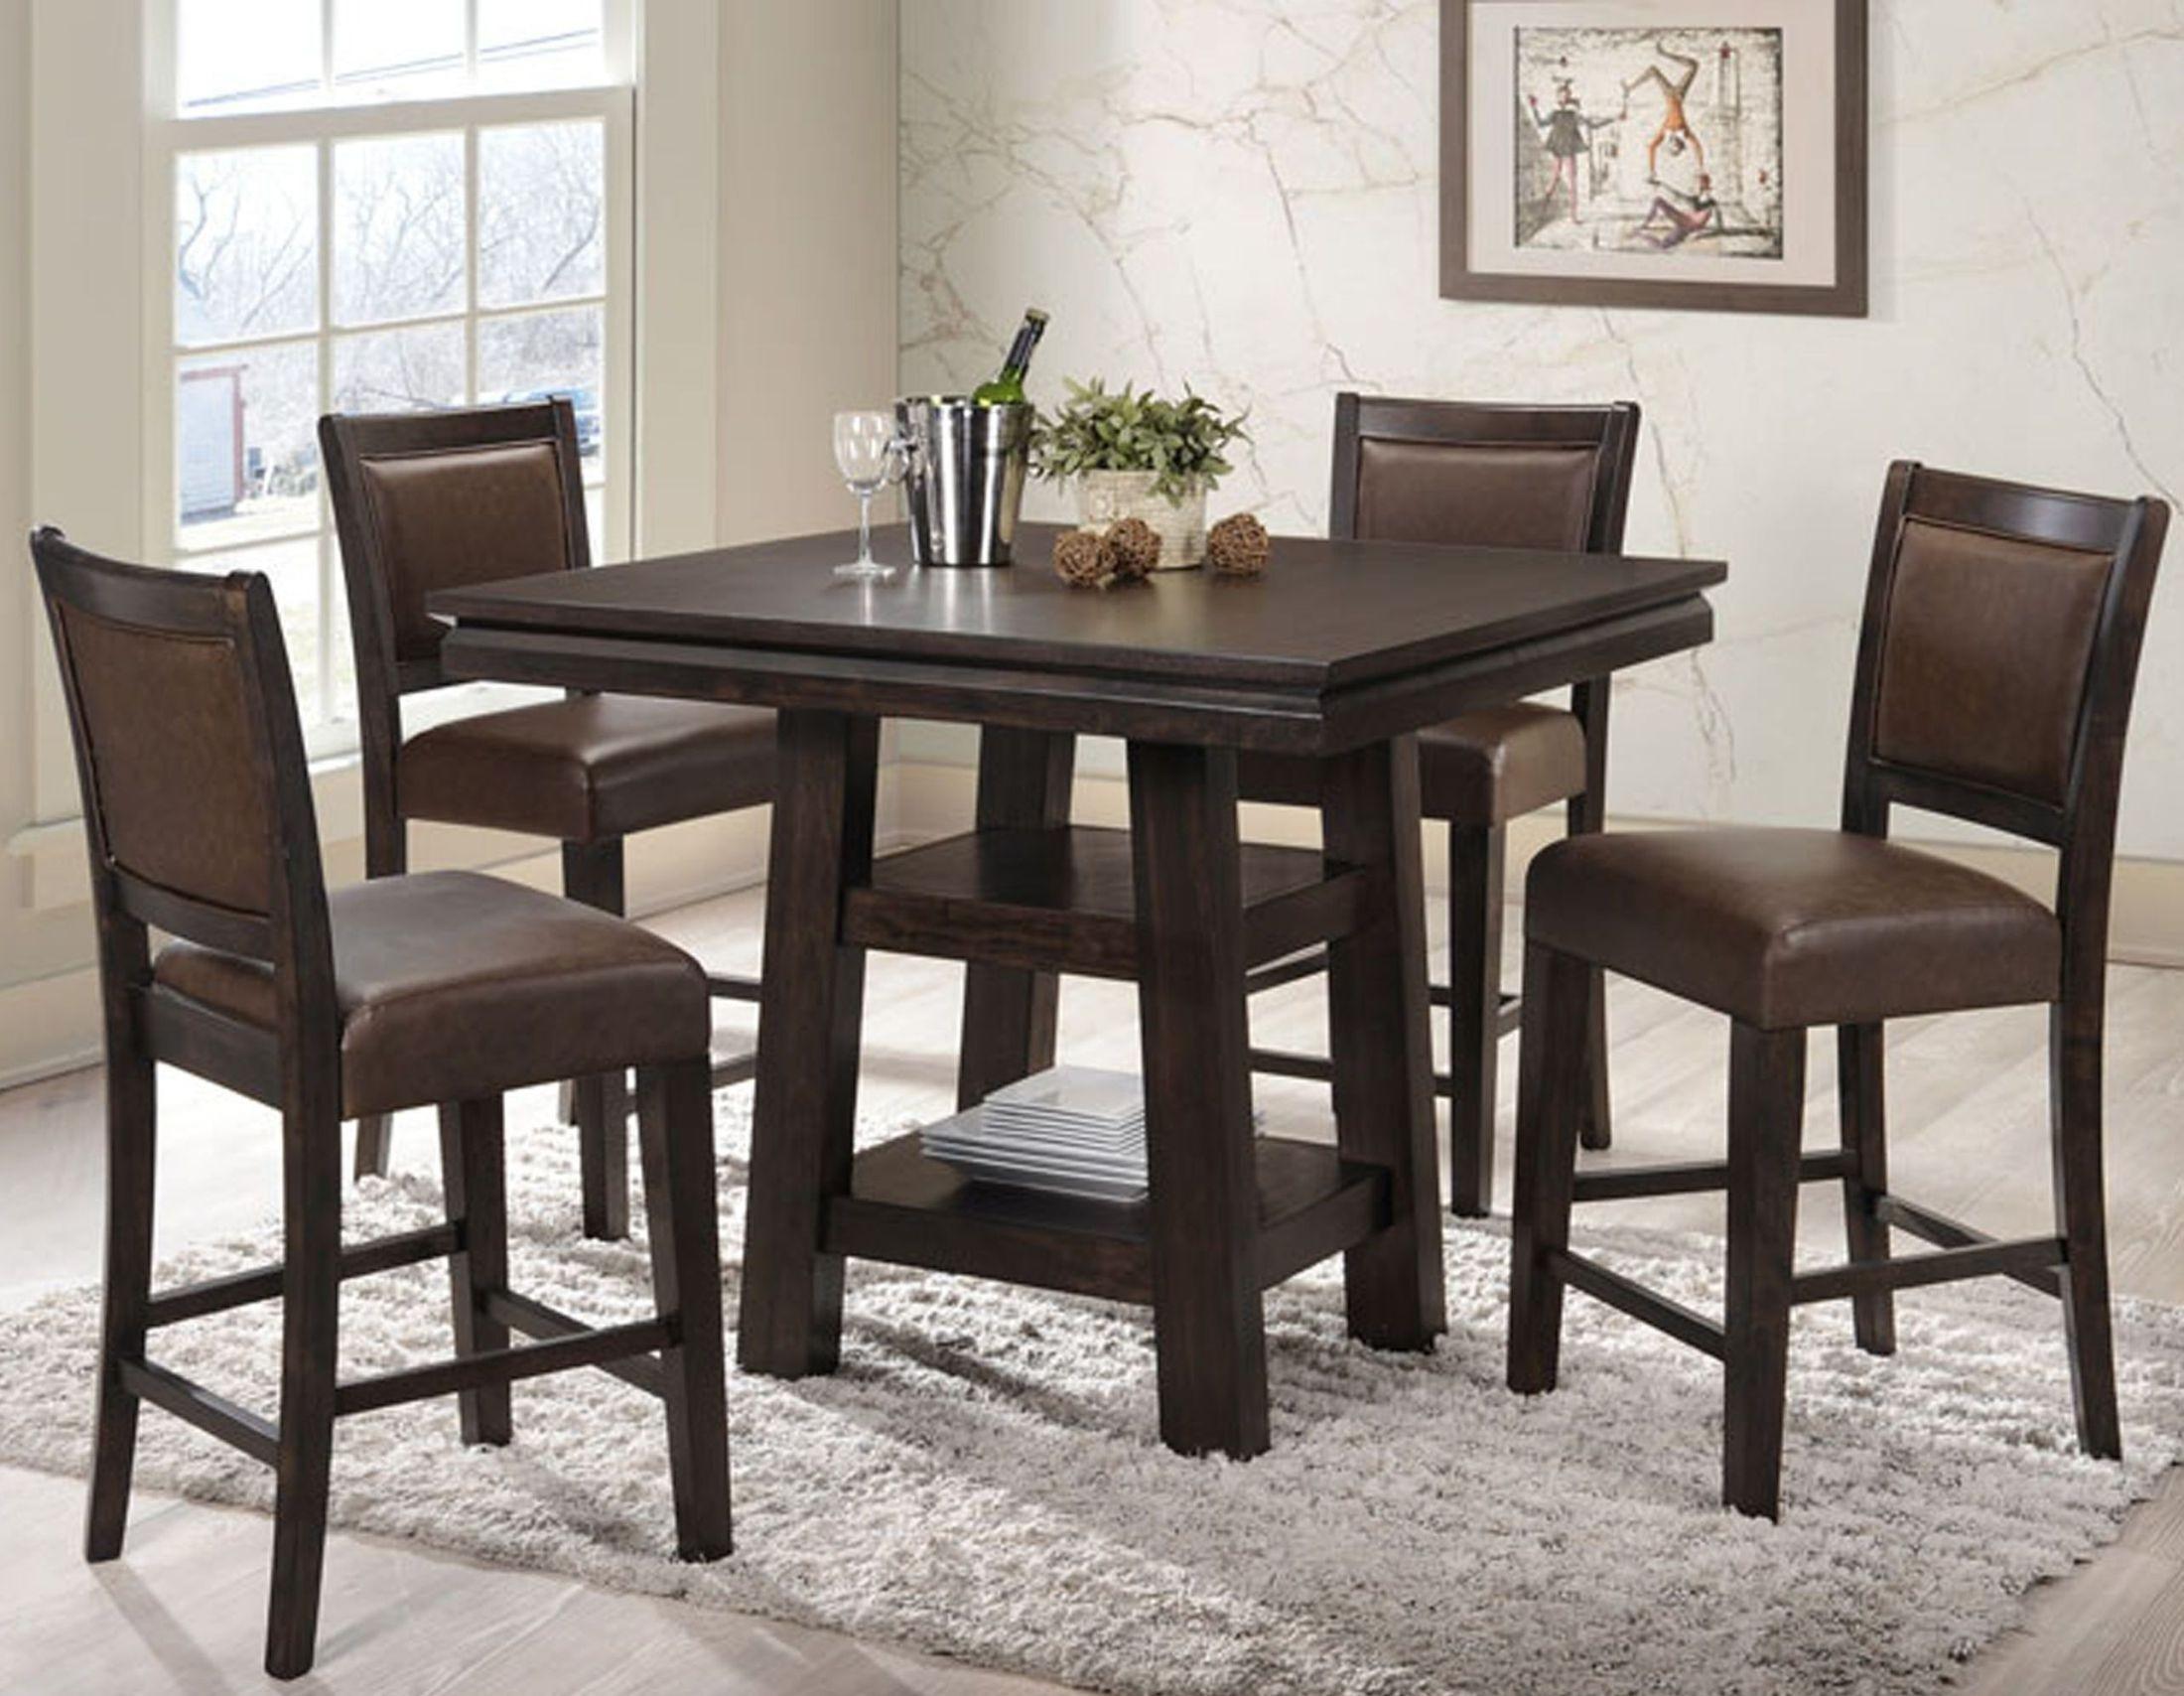 montego bay black oak counter height dining room set 2280 50 pt pb eci furniture. Black Bedroom Furniture Sets. Home Design Ideas